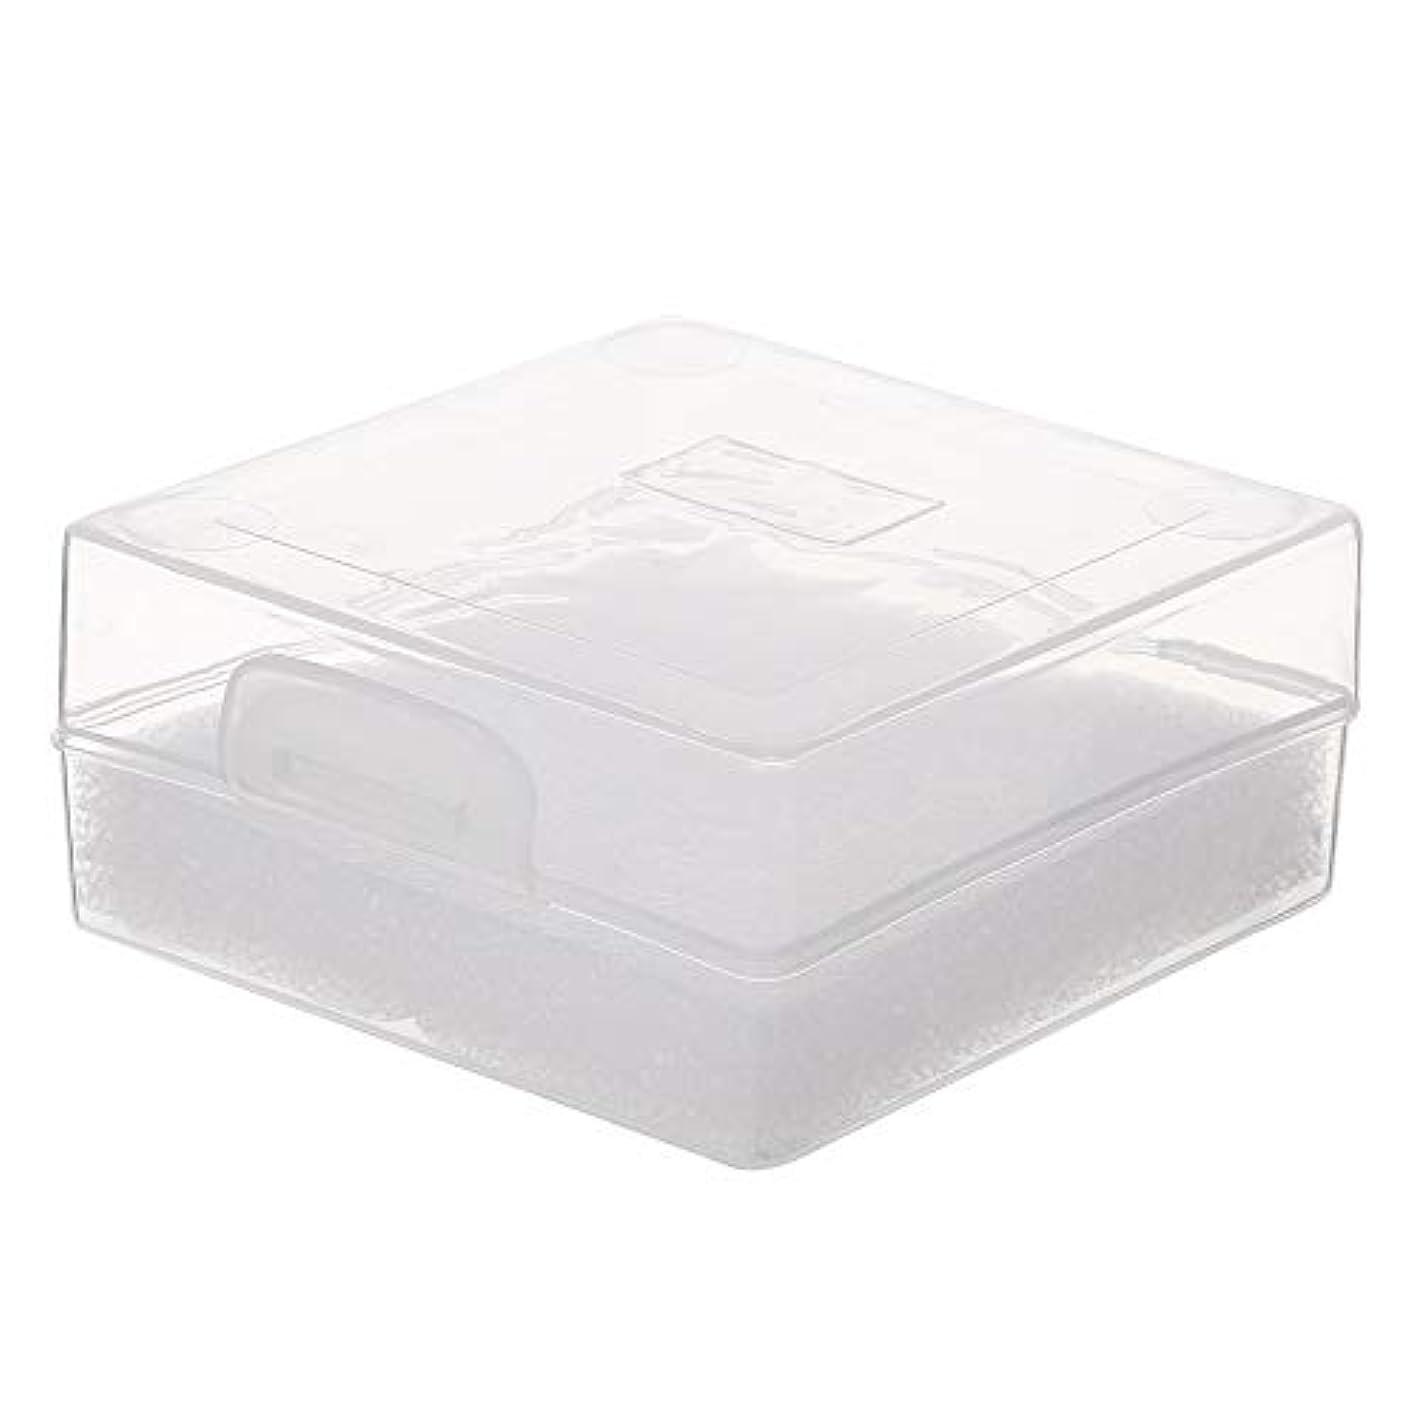 コンバーチブル作る扱いやすいDecdeal 100穴 研削ヘッドボックス ネイルドリルビットホルダー ネイル製品用ネイルツールストレージコンパクト便利な透明